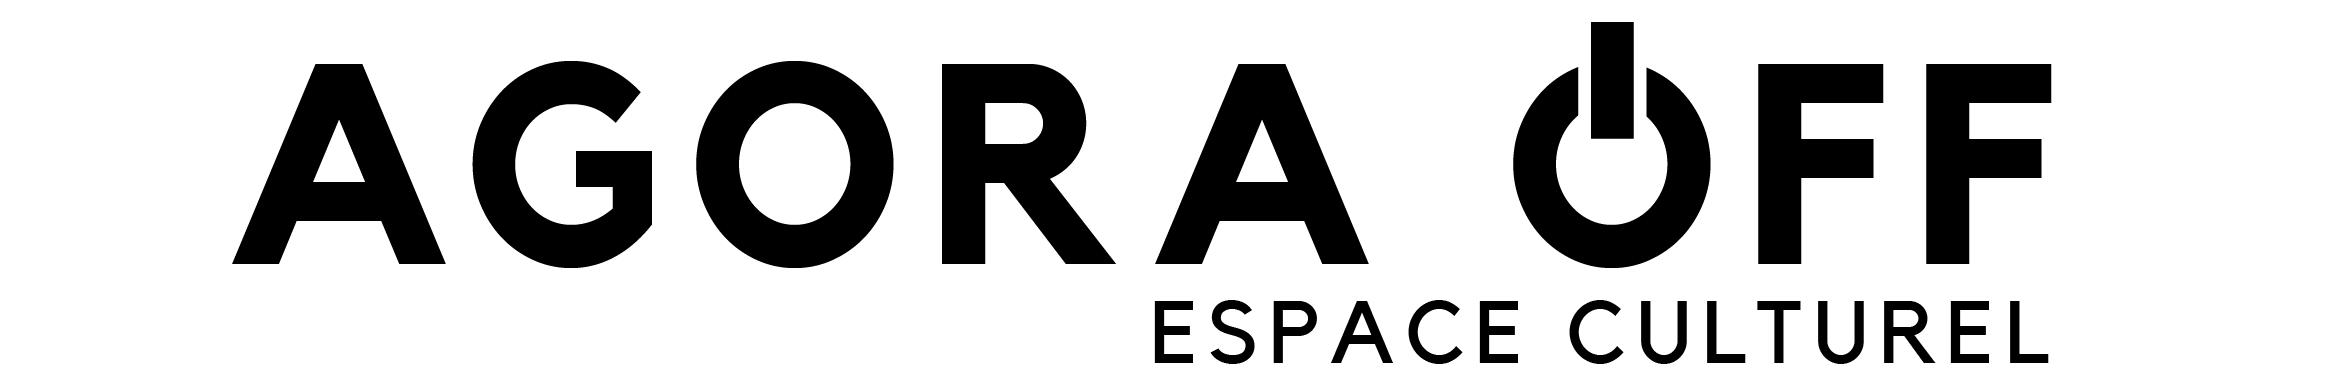 Agora Off - Espace Culturel